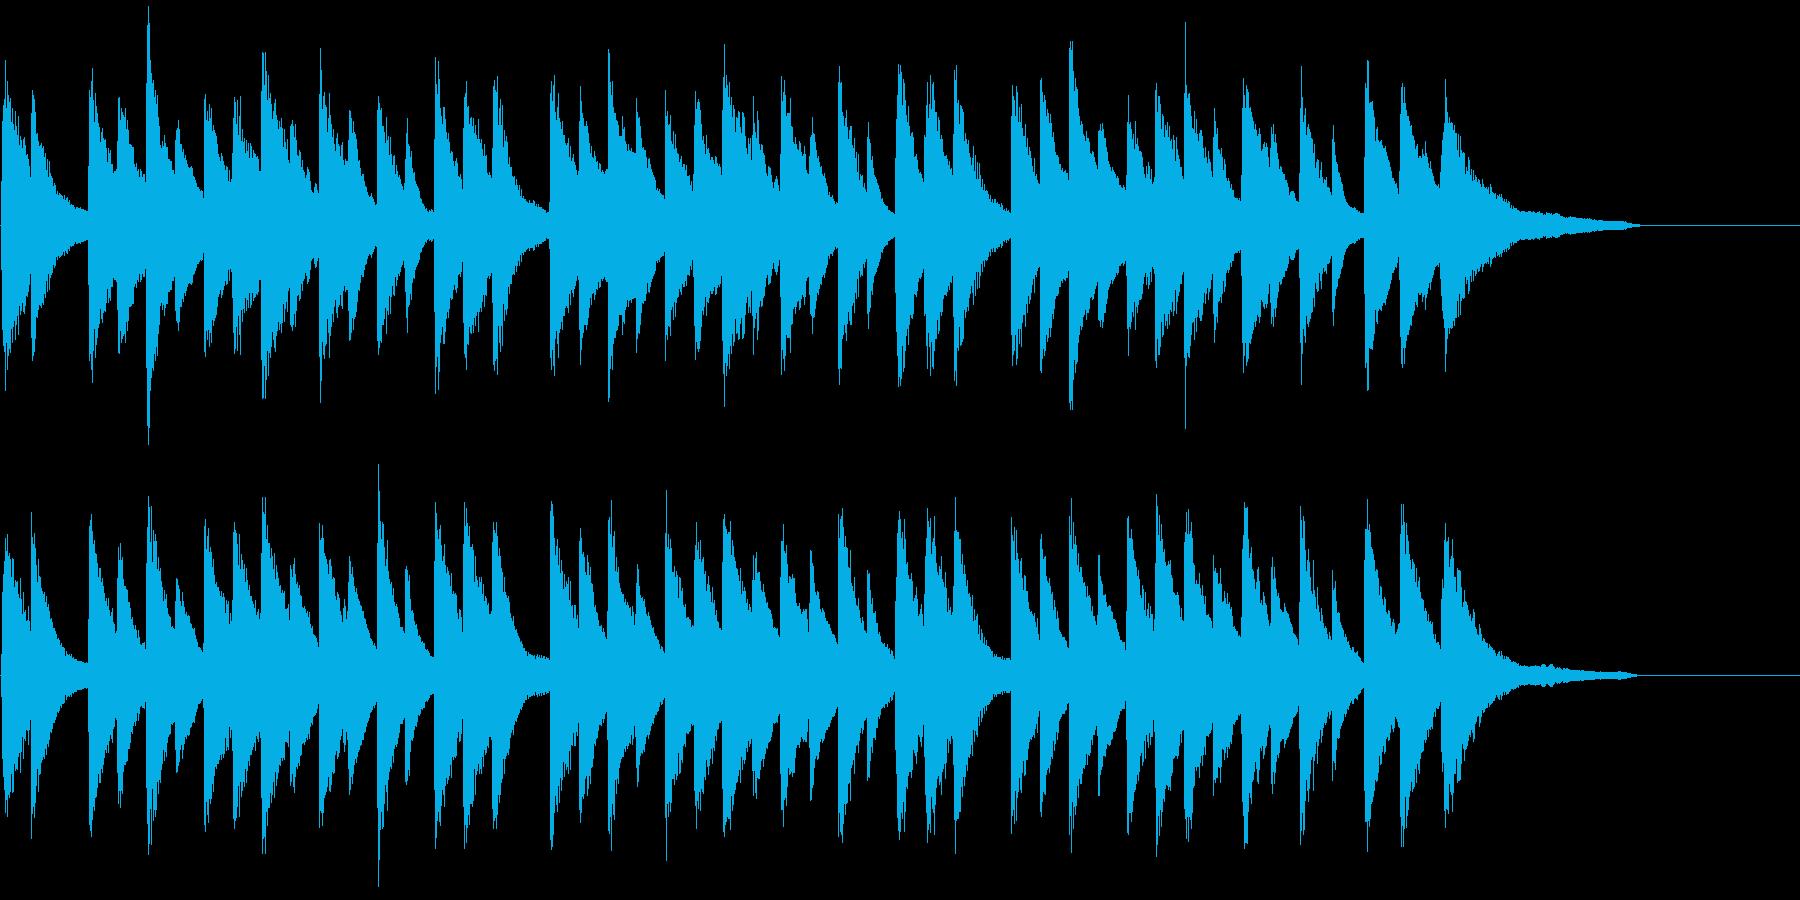 複雑な心の痛みを抱えた内省的なピアノソロの再生済みの波形